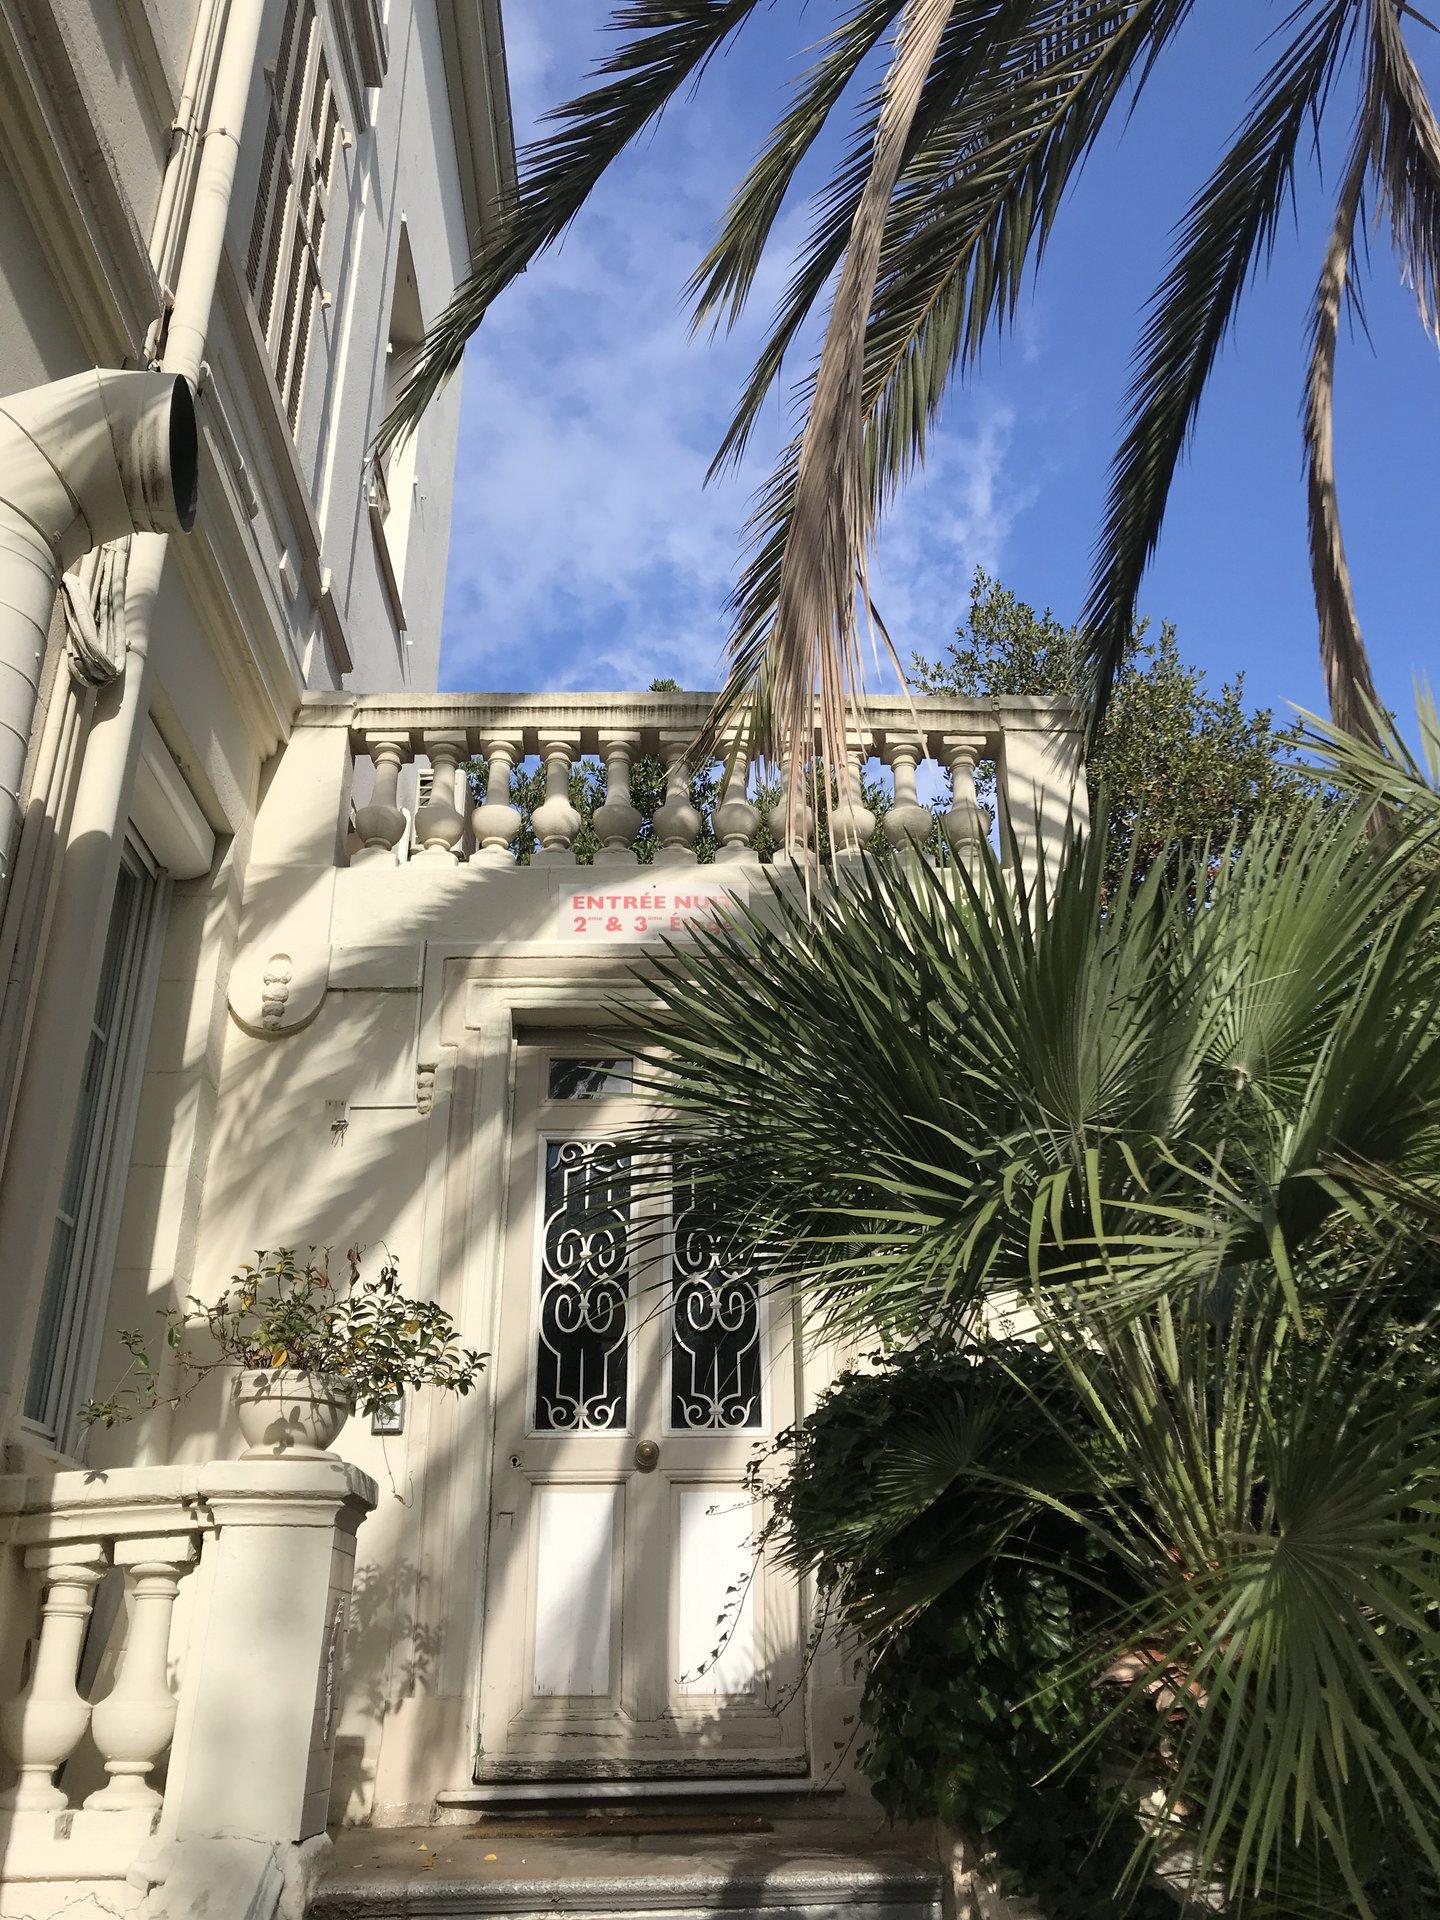 Udsalg Palæ - Cannes